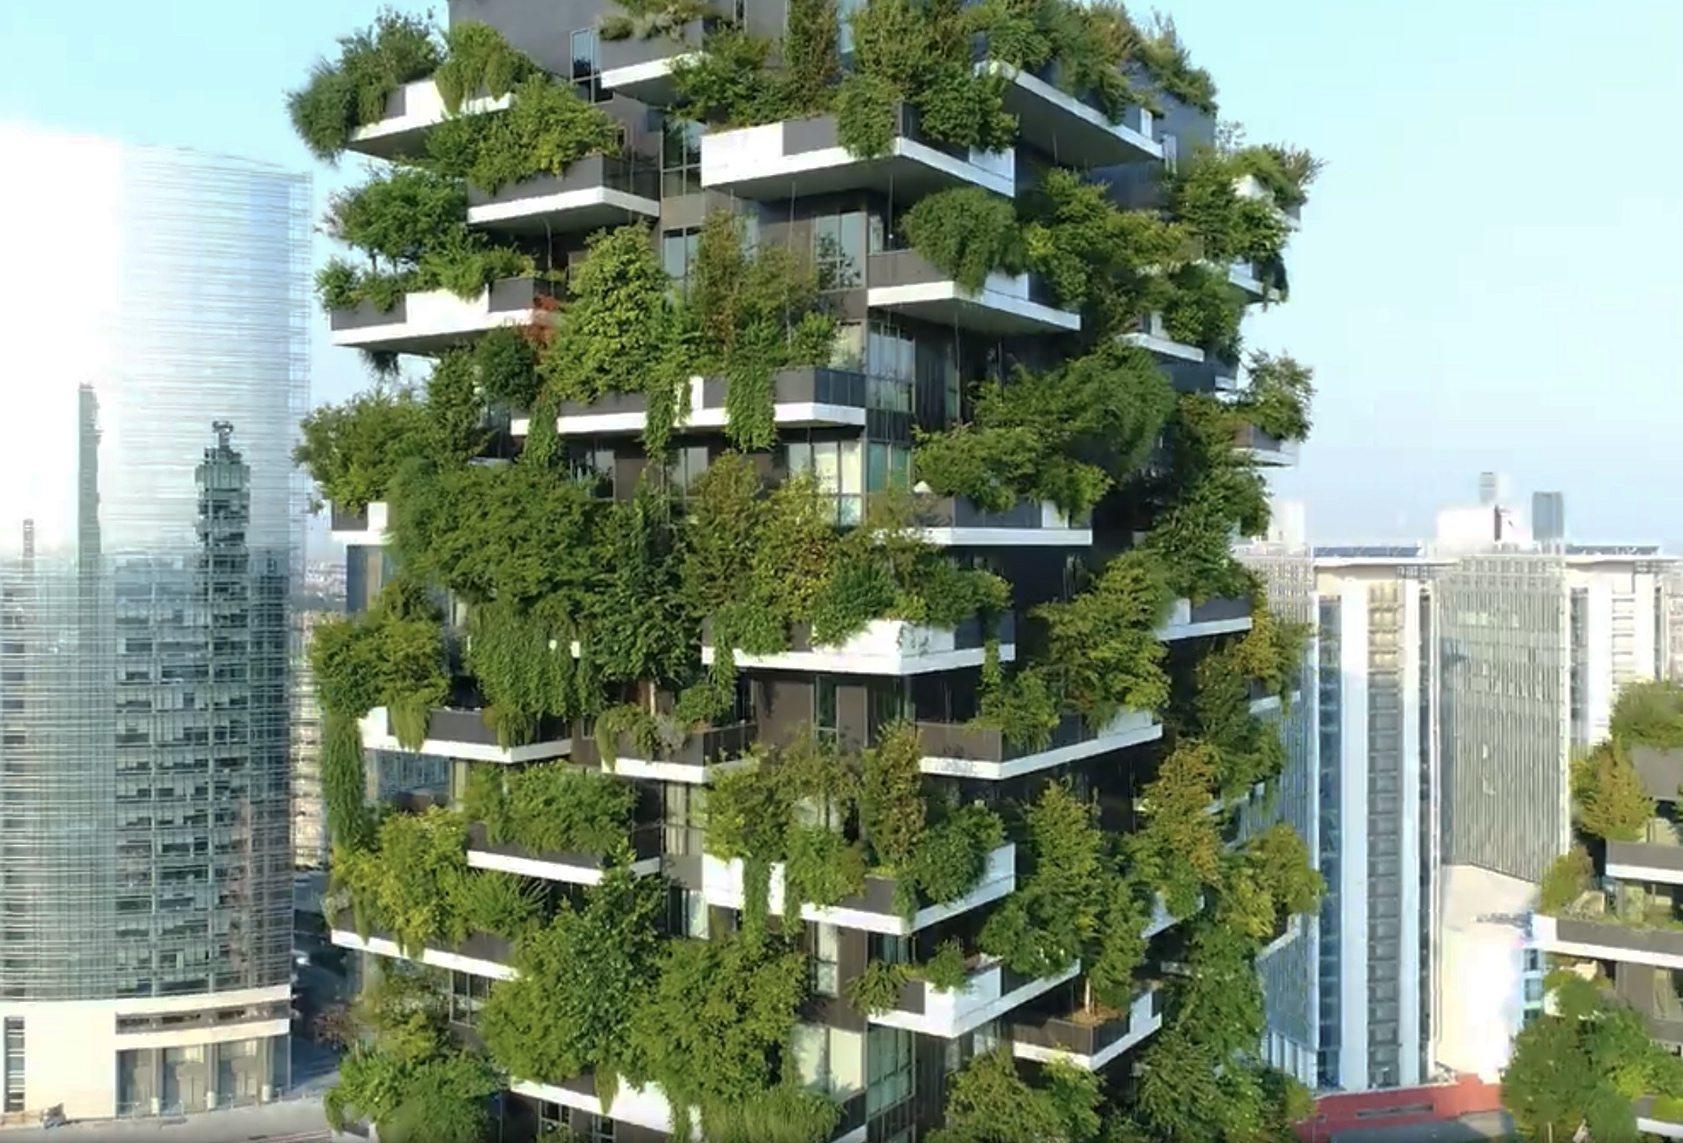 Bosco verticale stefano boeri architetti for Giardini verticali milano